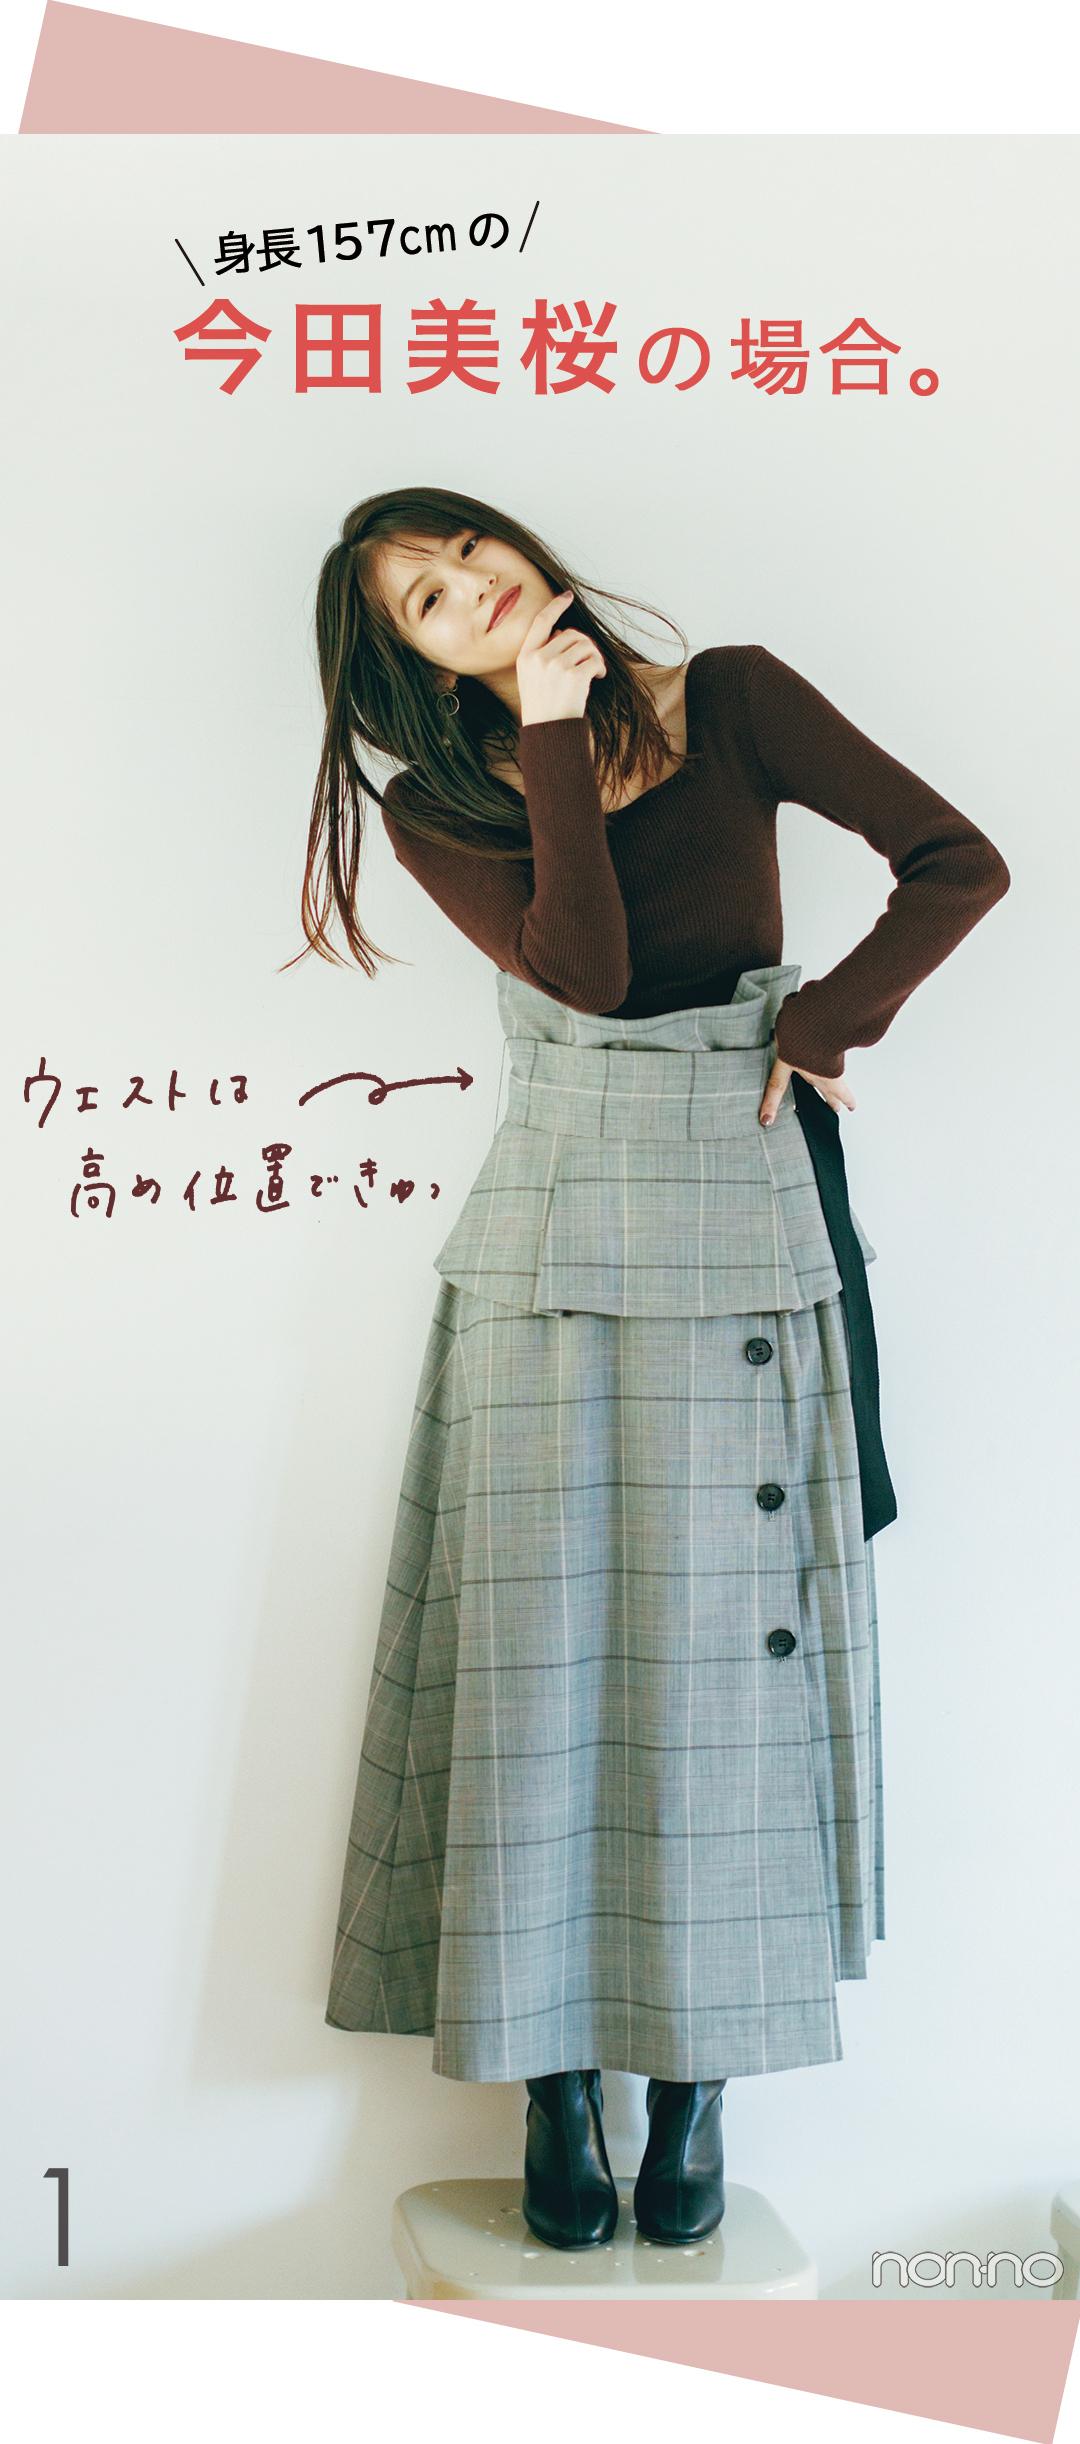 今田美桜さんが、バランスよく見せるためにコーデで気をつけてる